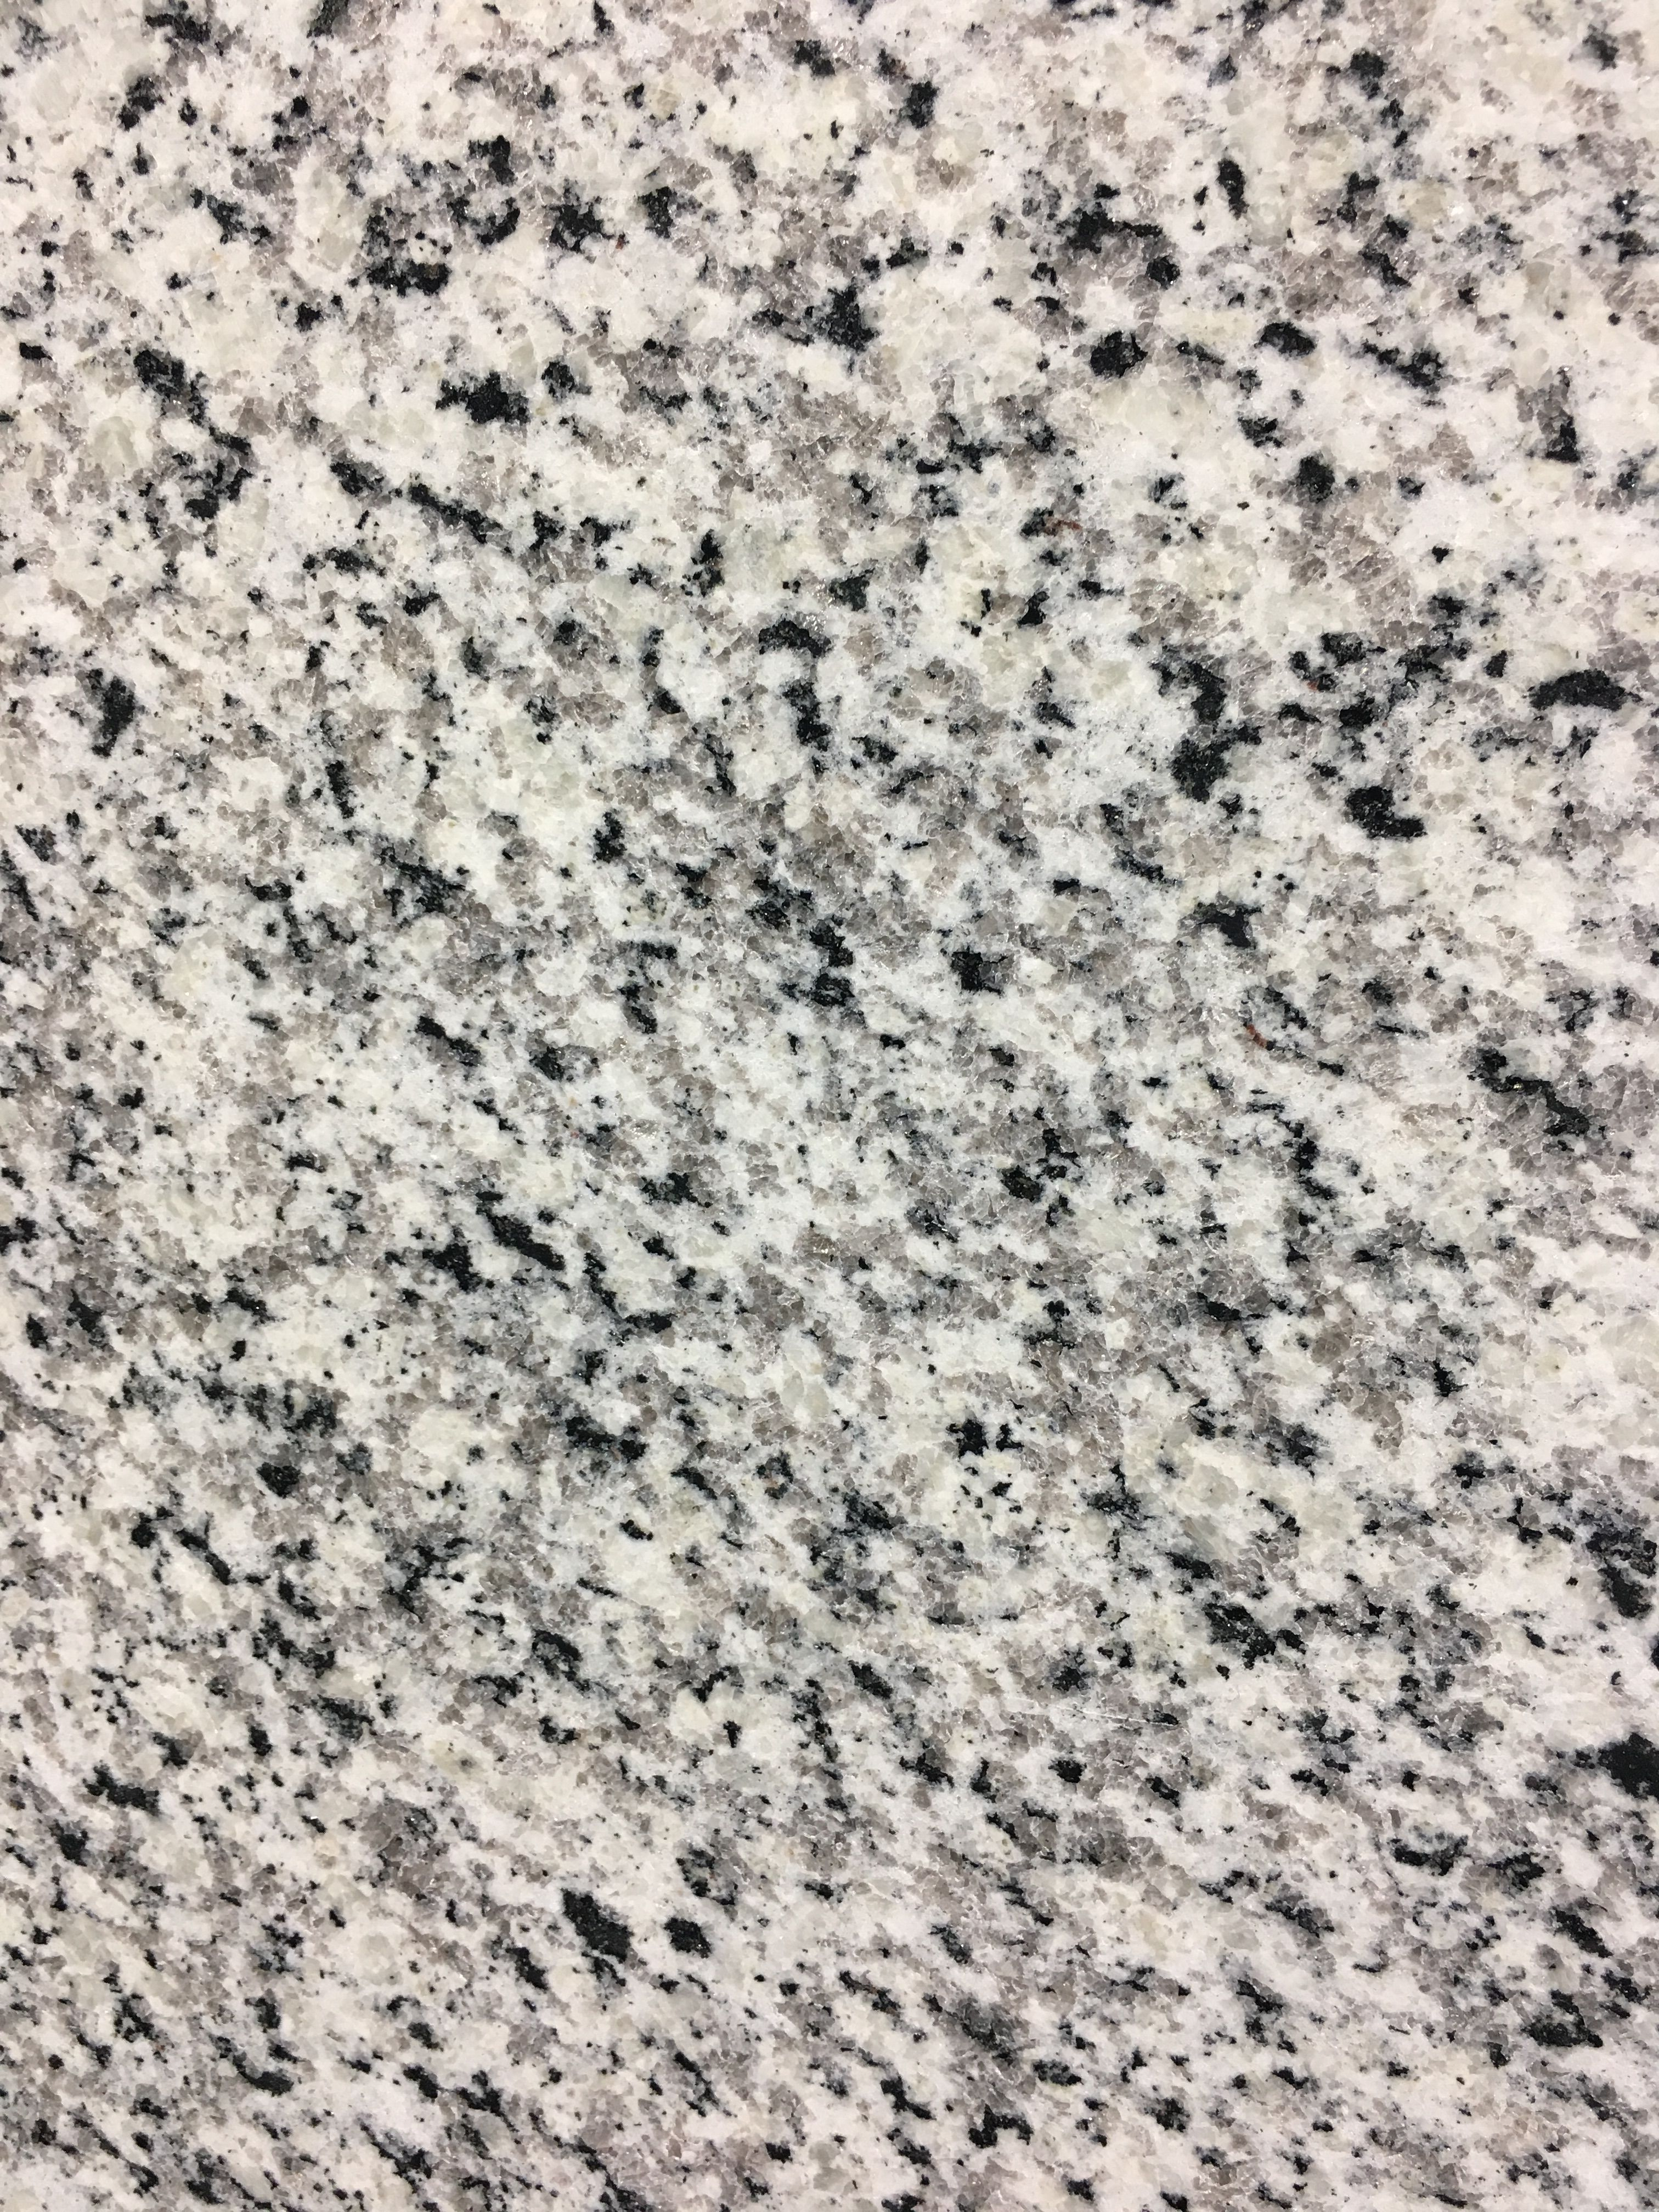 Valle Nevado Granite From Spain Granite Stone Granite